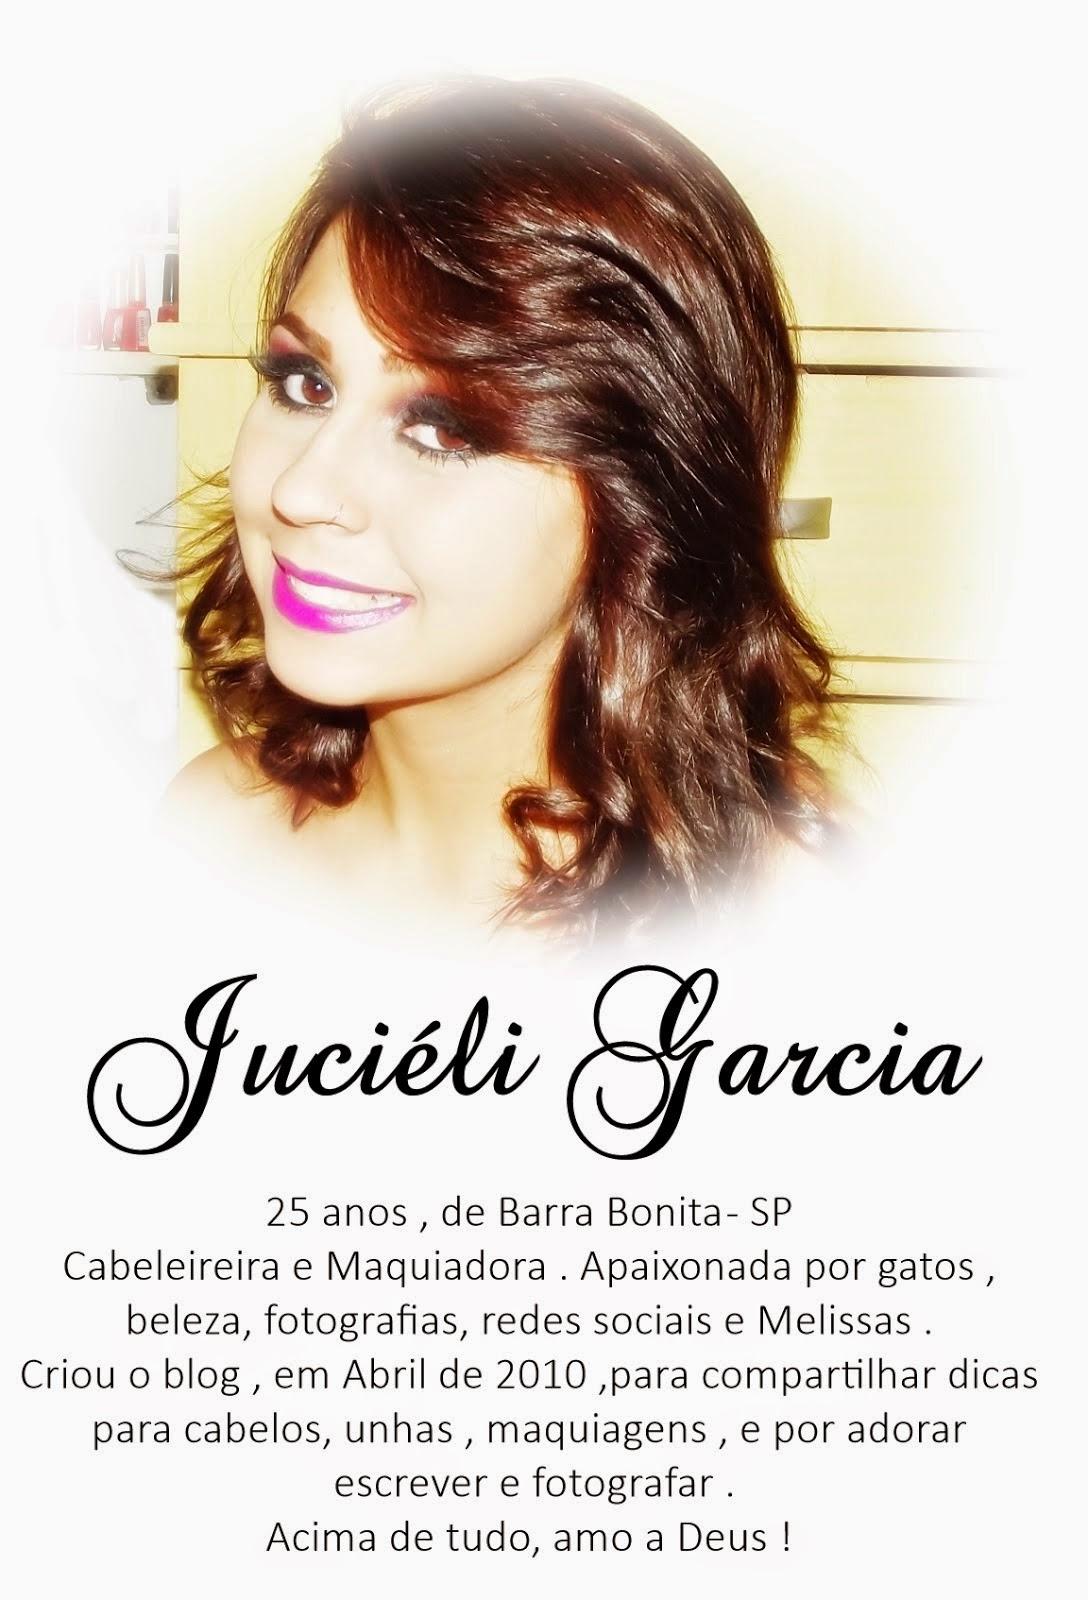 Ju Garcia